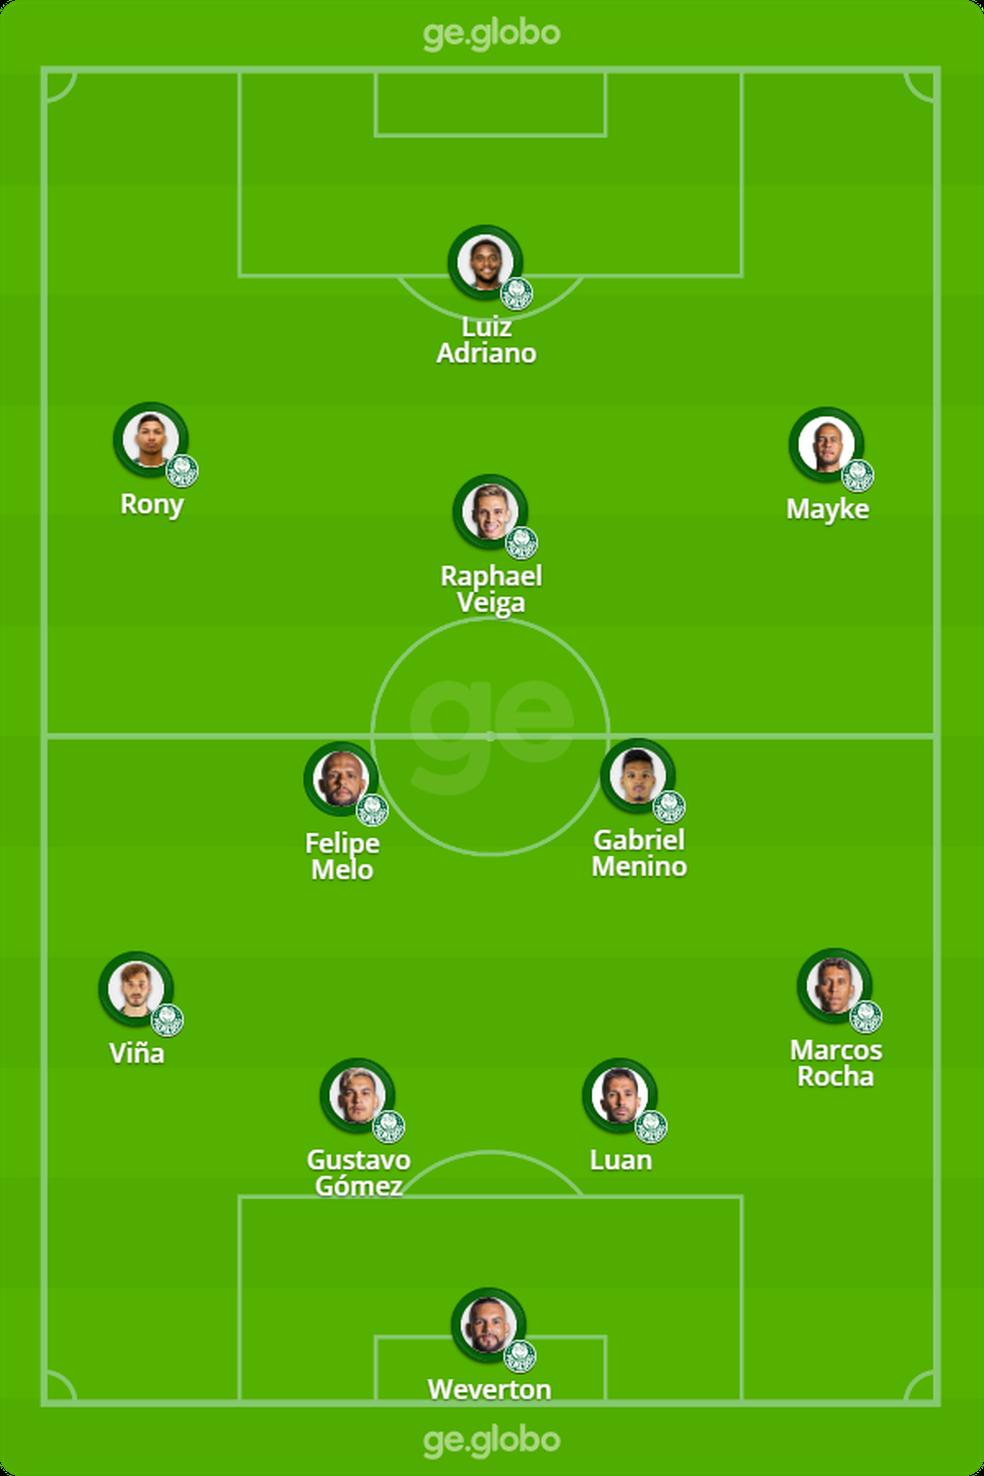 Provável escalação do Palmeiras contra o Grêmio — Foto: ge